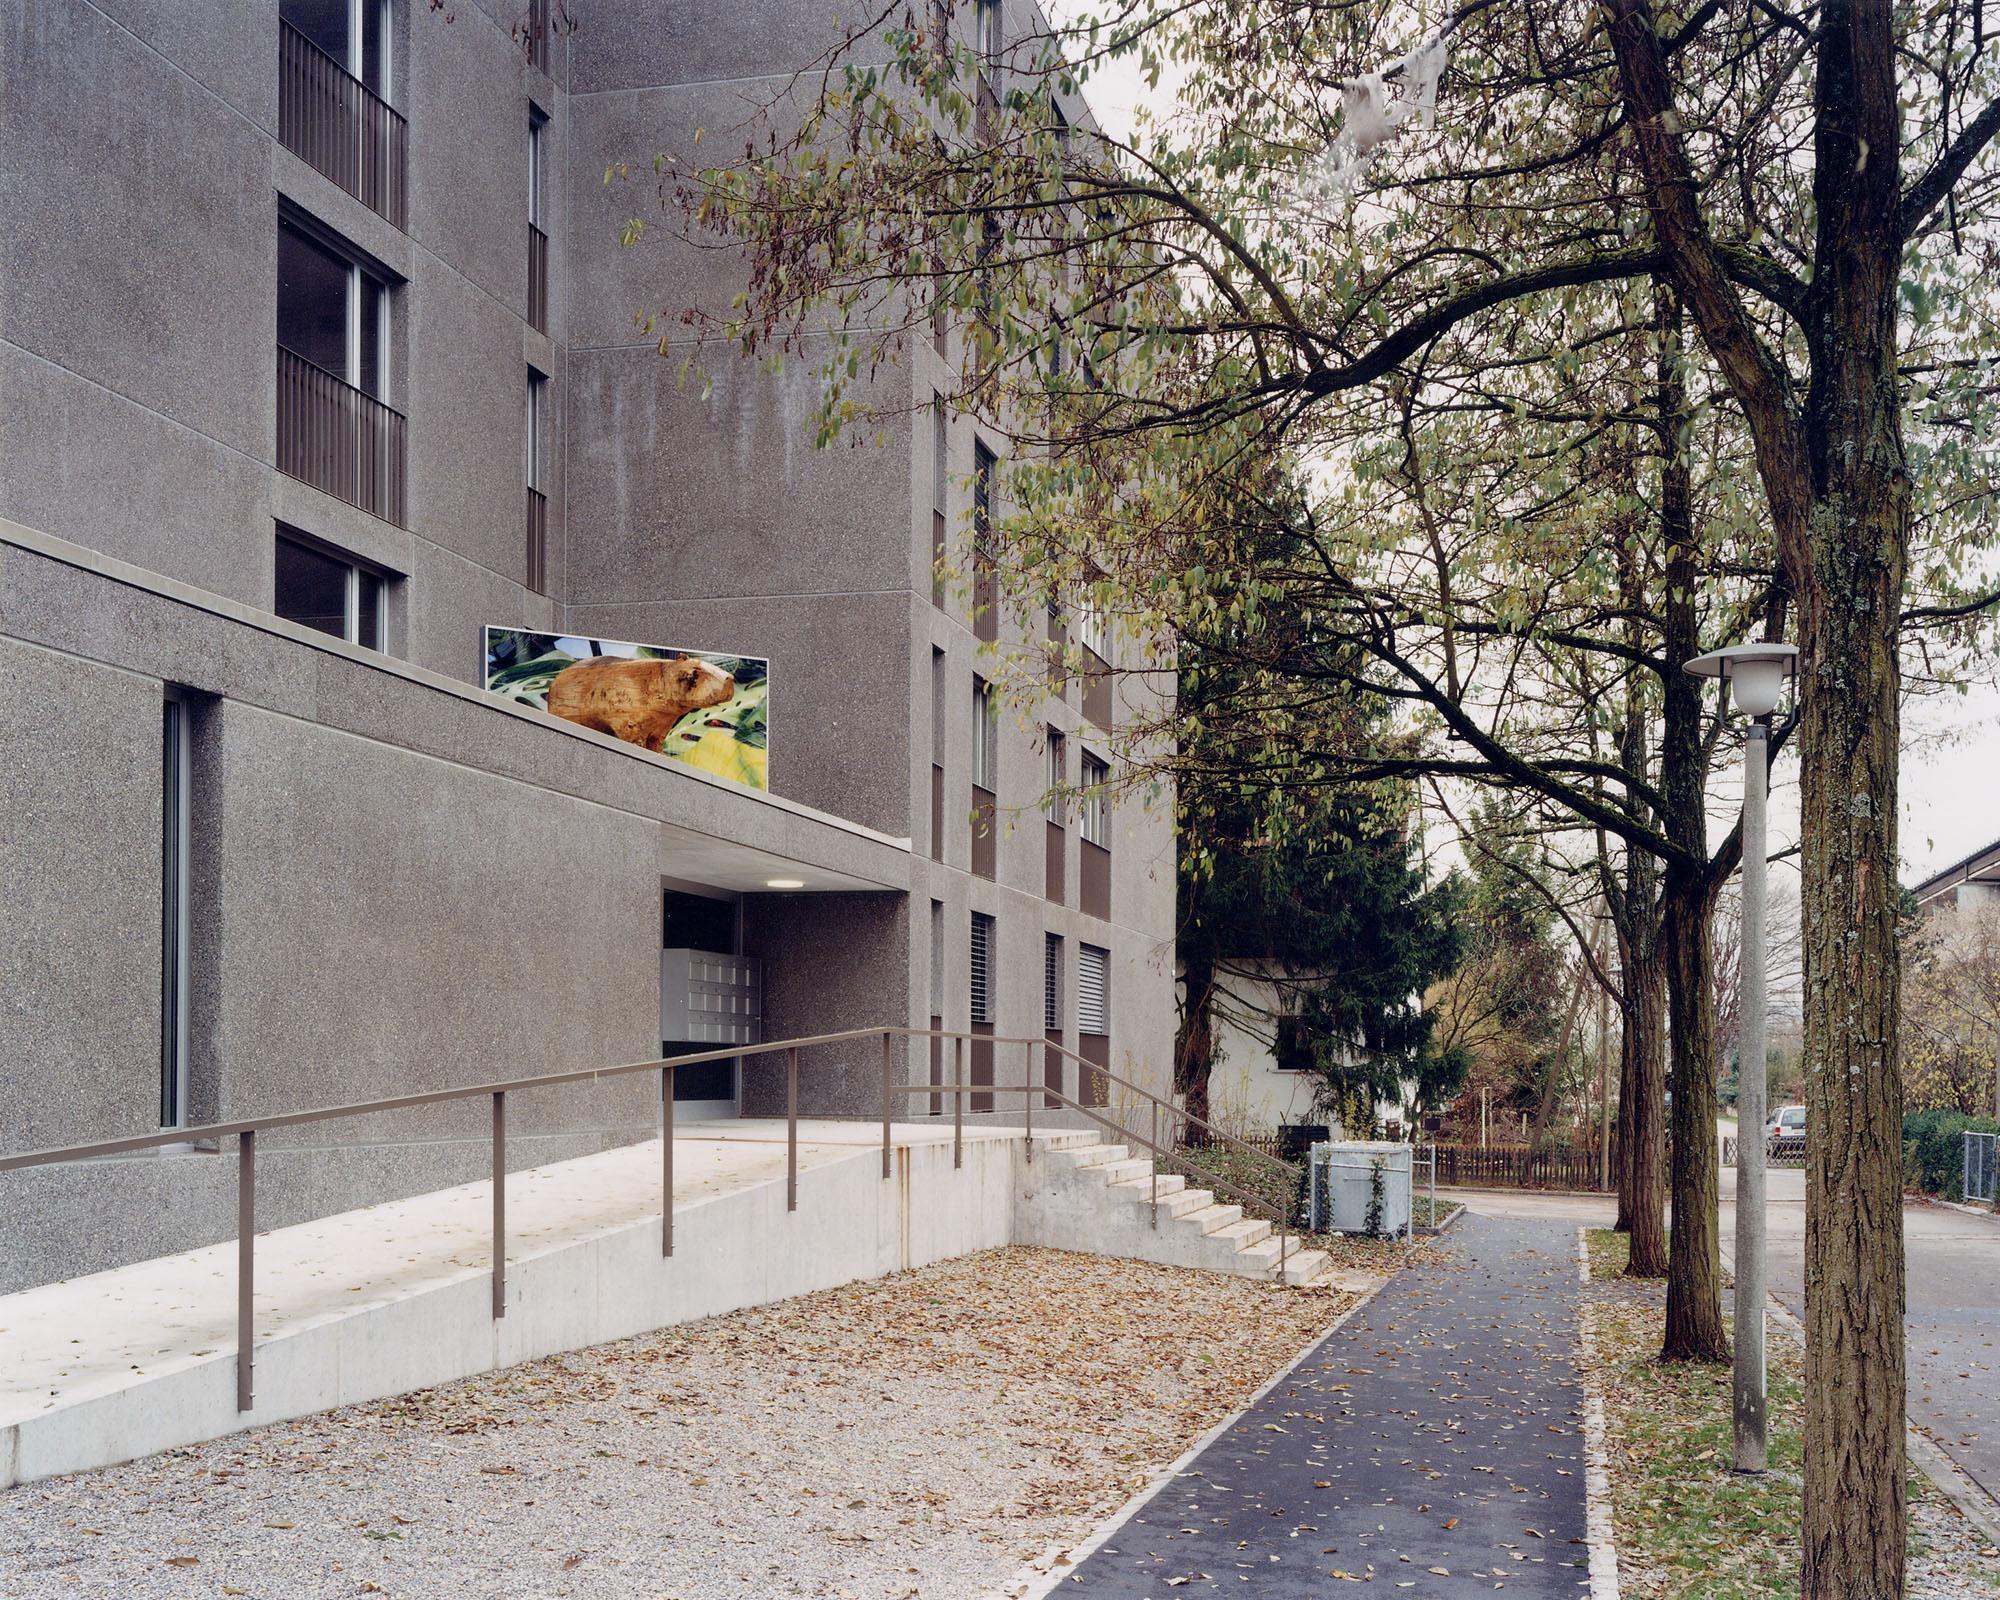 009Wohnüberbauung Stöckenacker Zürich